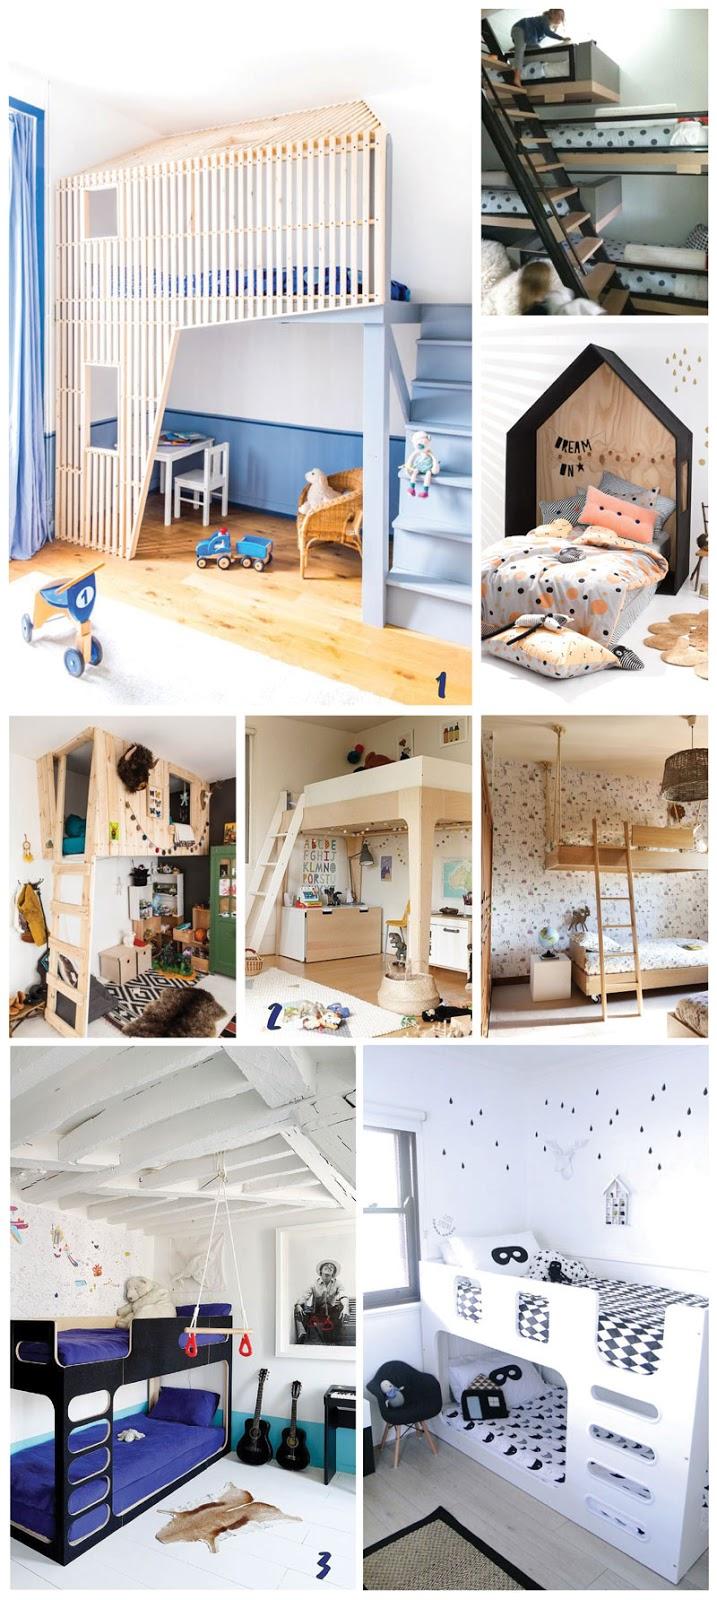 1 Lit mezzanine imagin par Mama Architectes